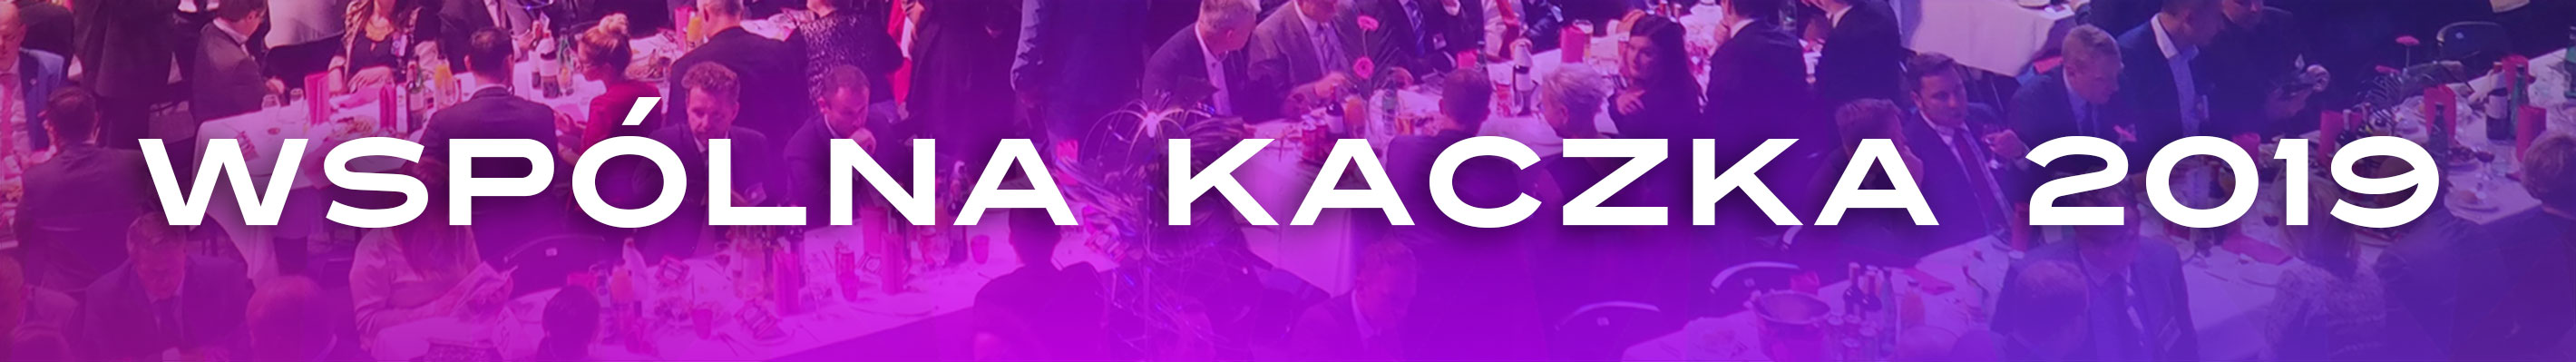 Wspólna Kaczka 2019